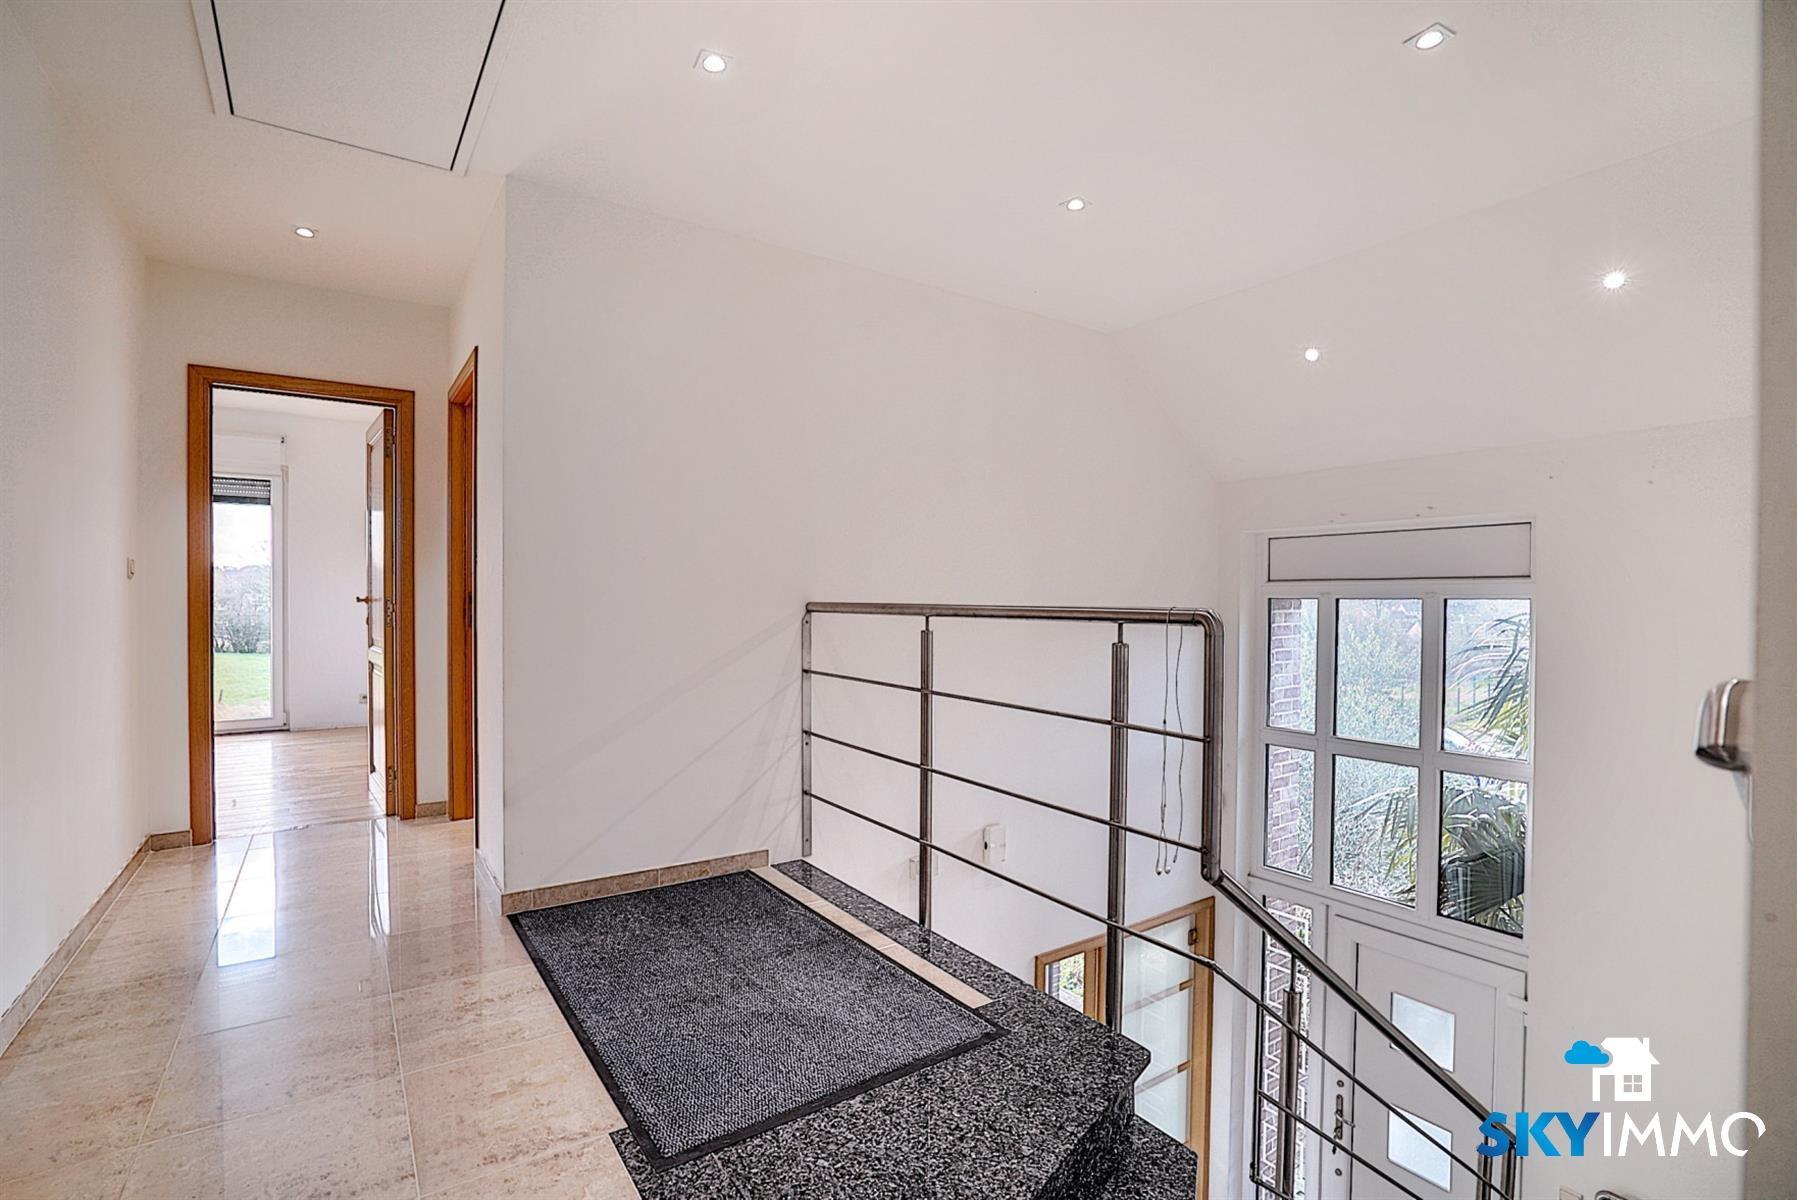 Huis - Boncelles - #4252860-12